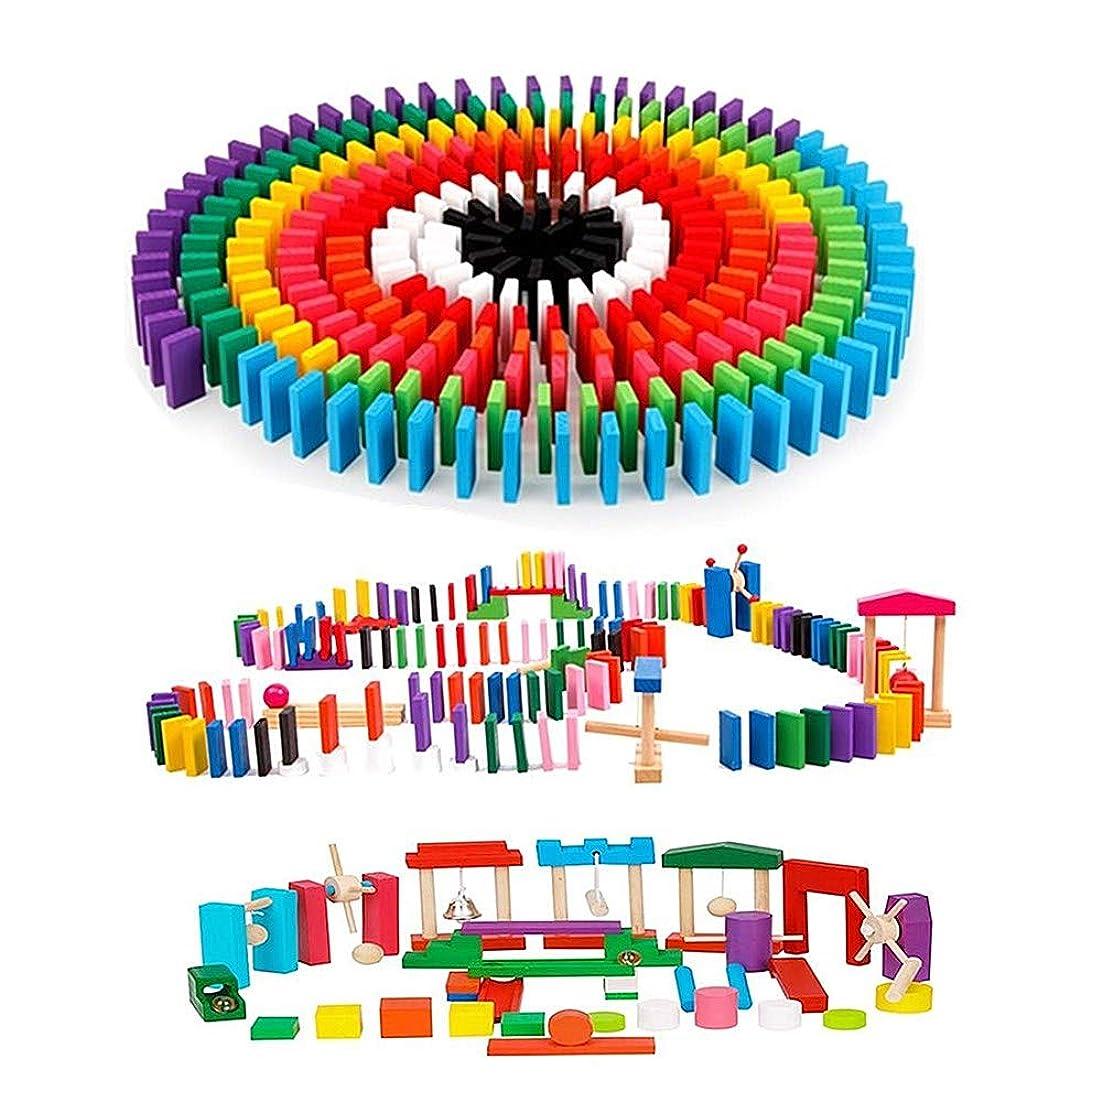 過去用語集コントローラAISFA 積み木 ドミノ倒し 知育玩具 360個 ギミック 仕掛け24種セット 木製 カラフル こども 誕生日 プレゼント 並べる用道具と収納袋 セット